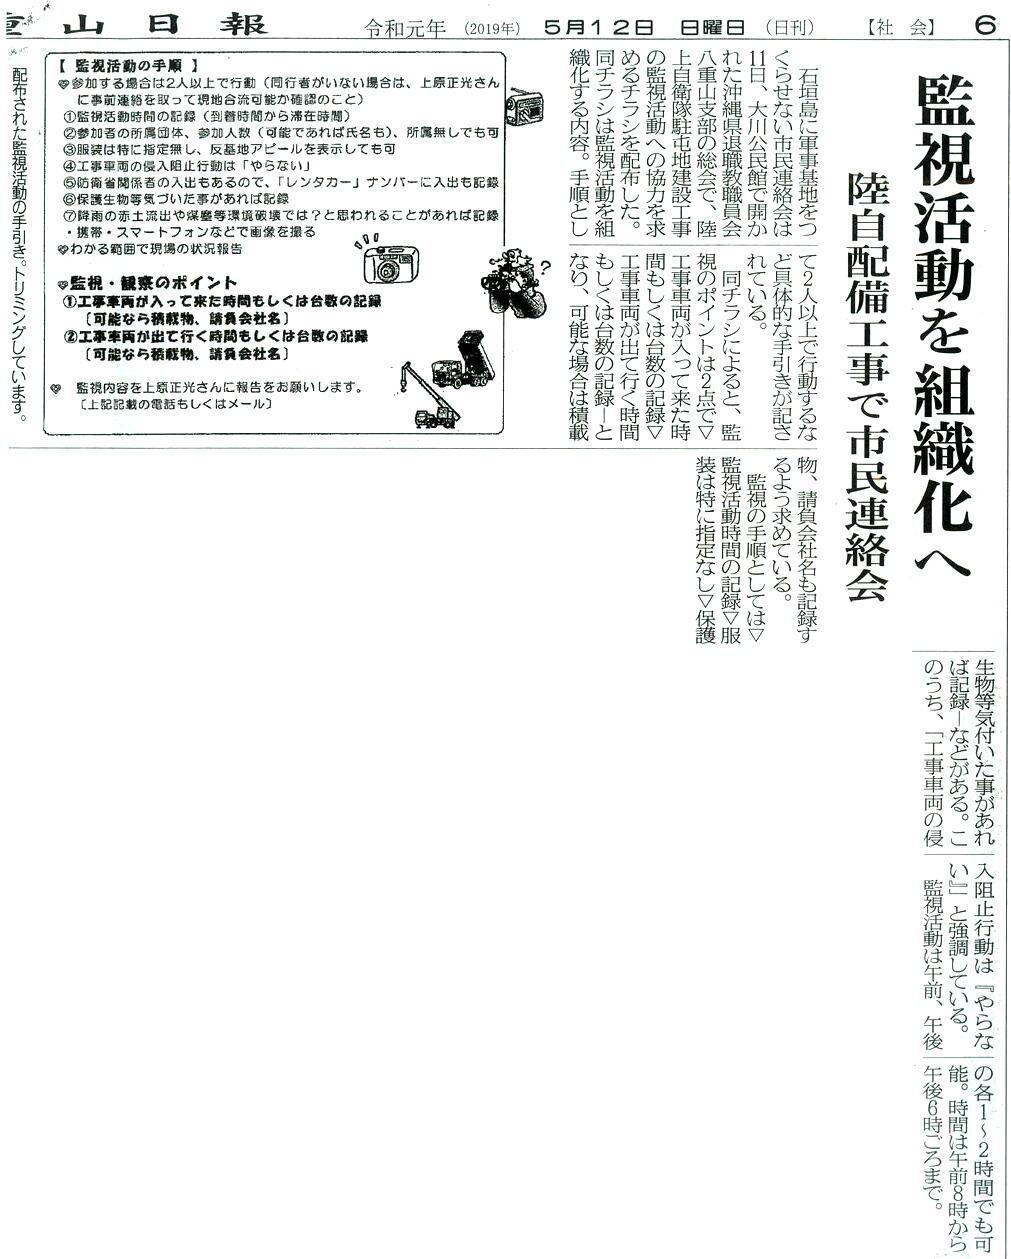 yaenippou2019 05122